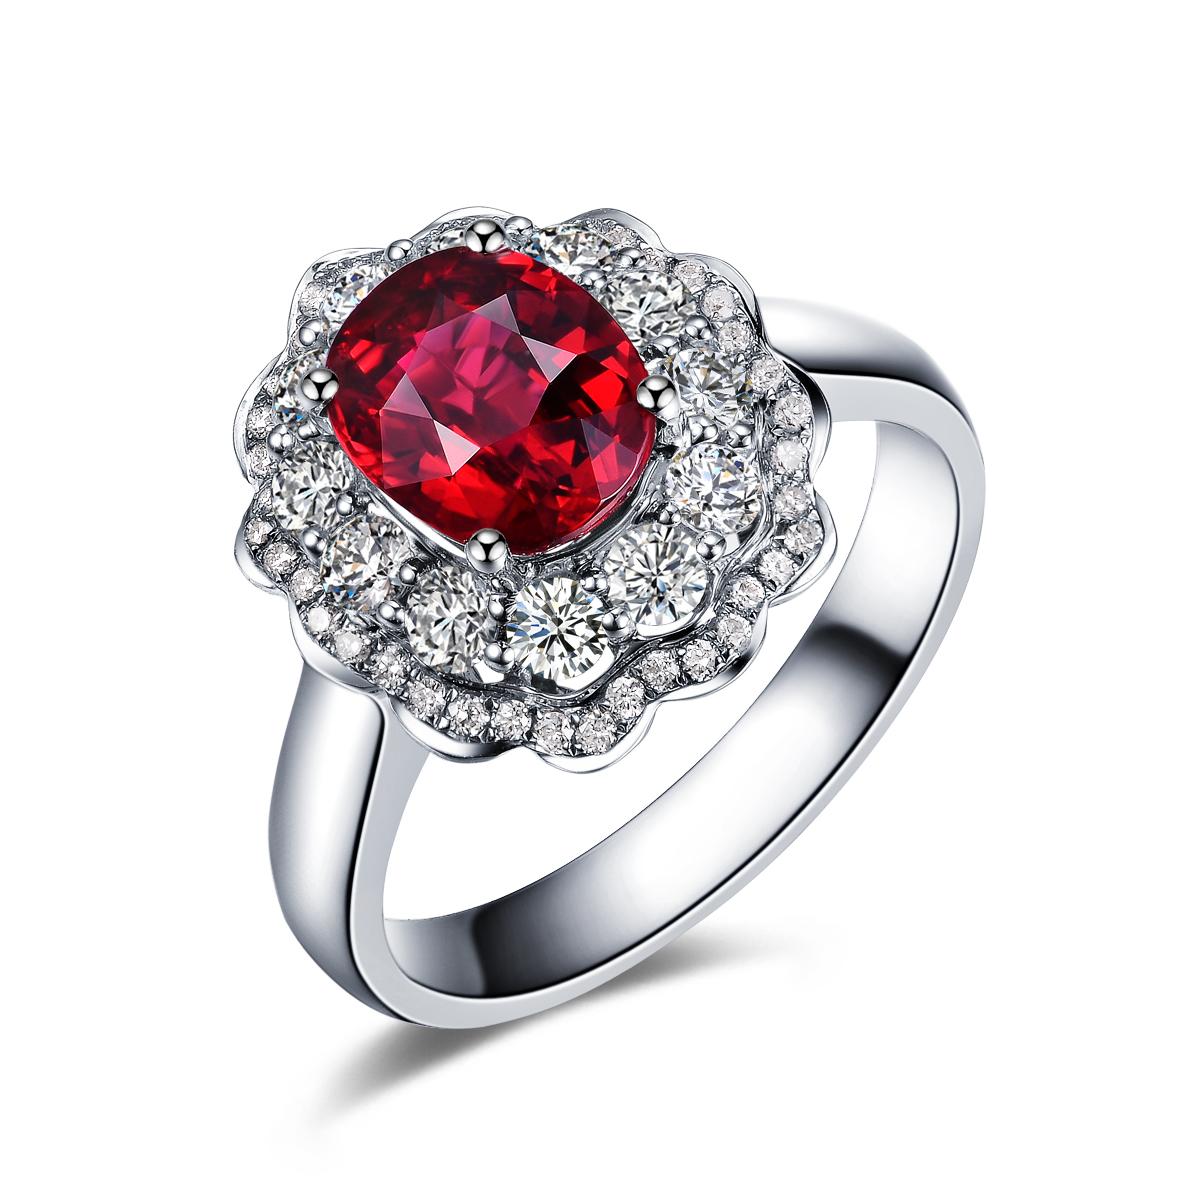 红宝石与红碧玺有哪些区别